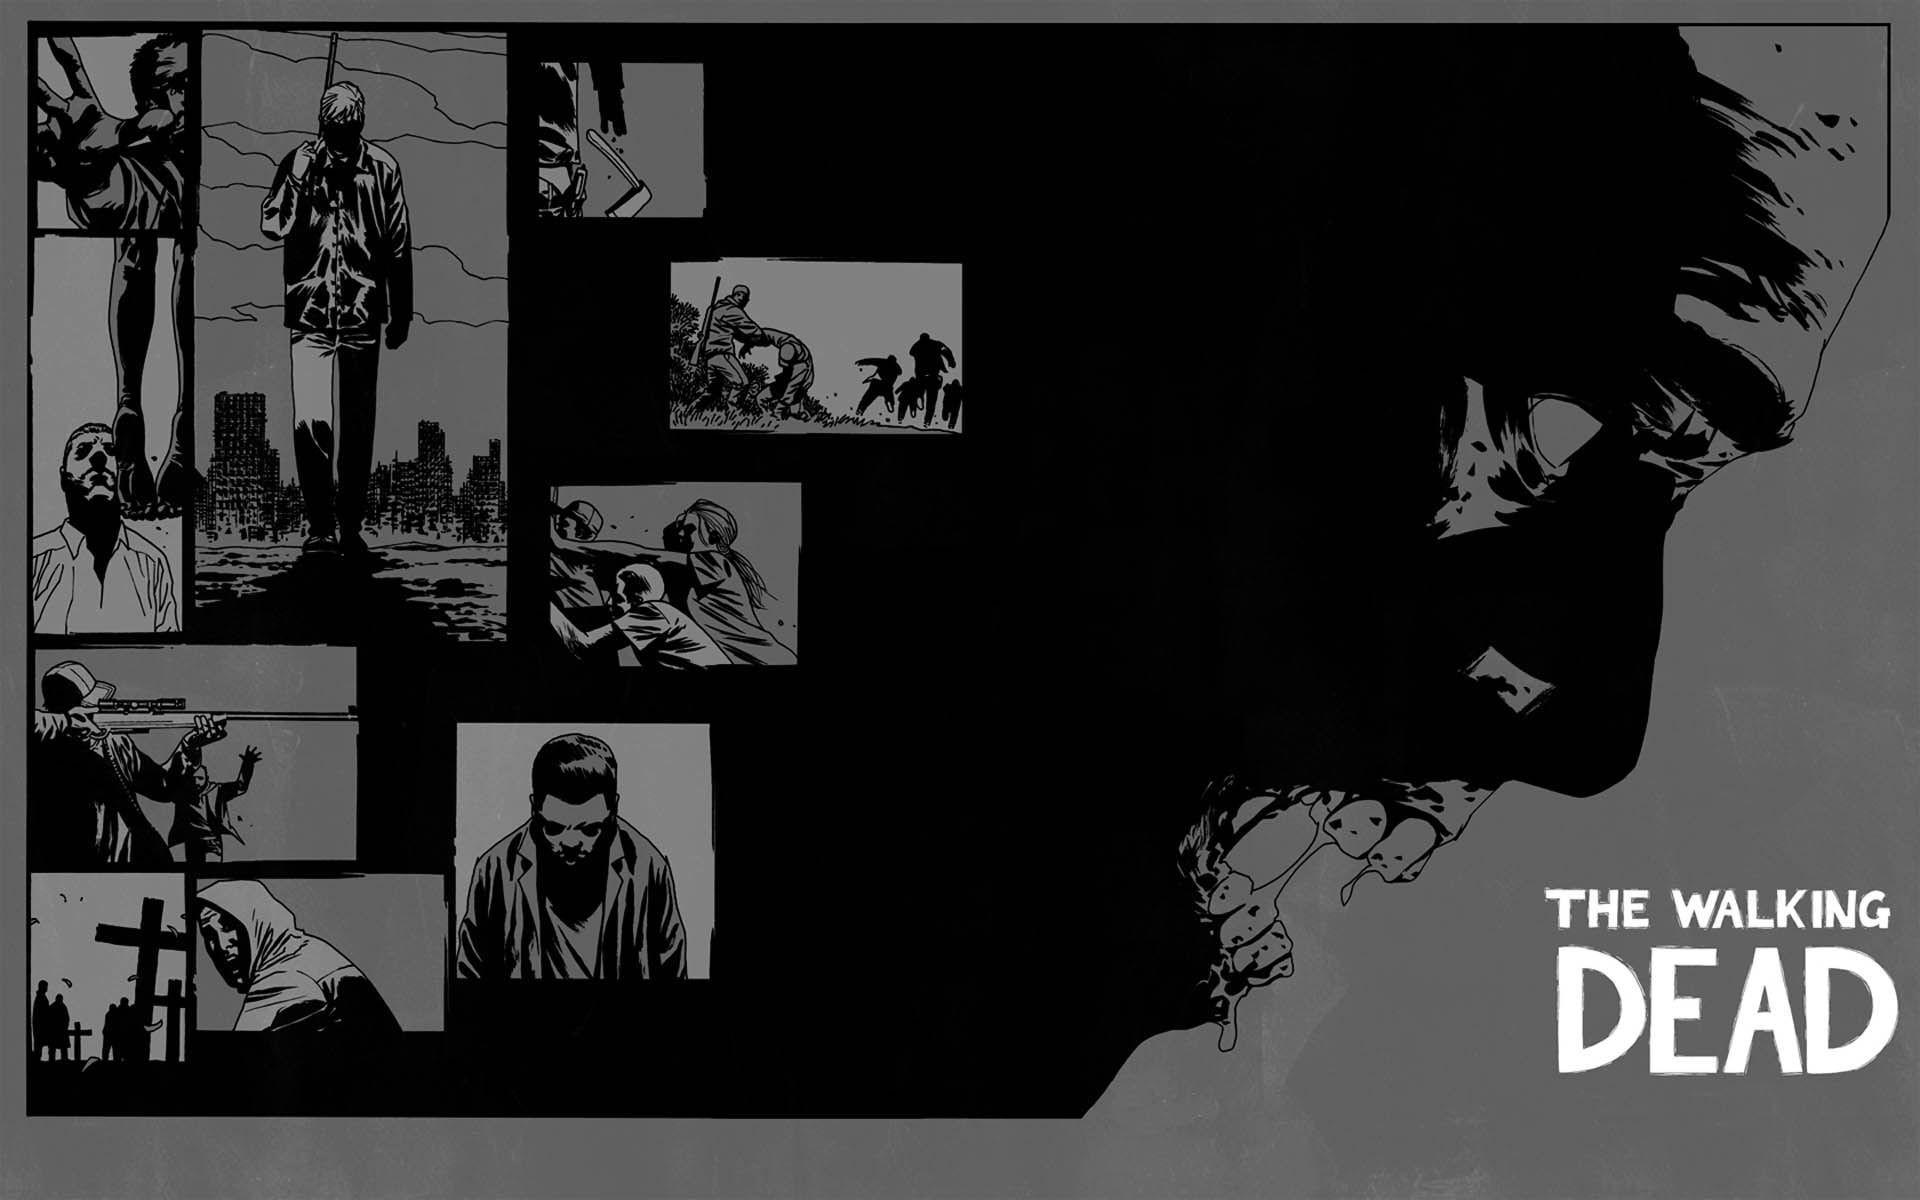 The Walking Dead Desktop Wallpapers, .